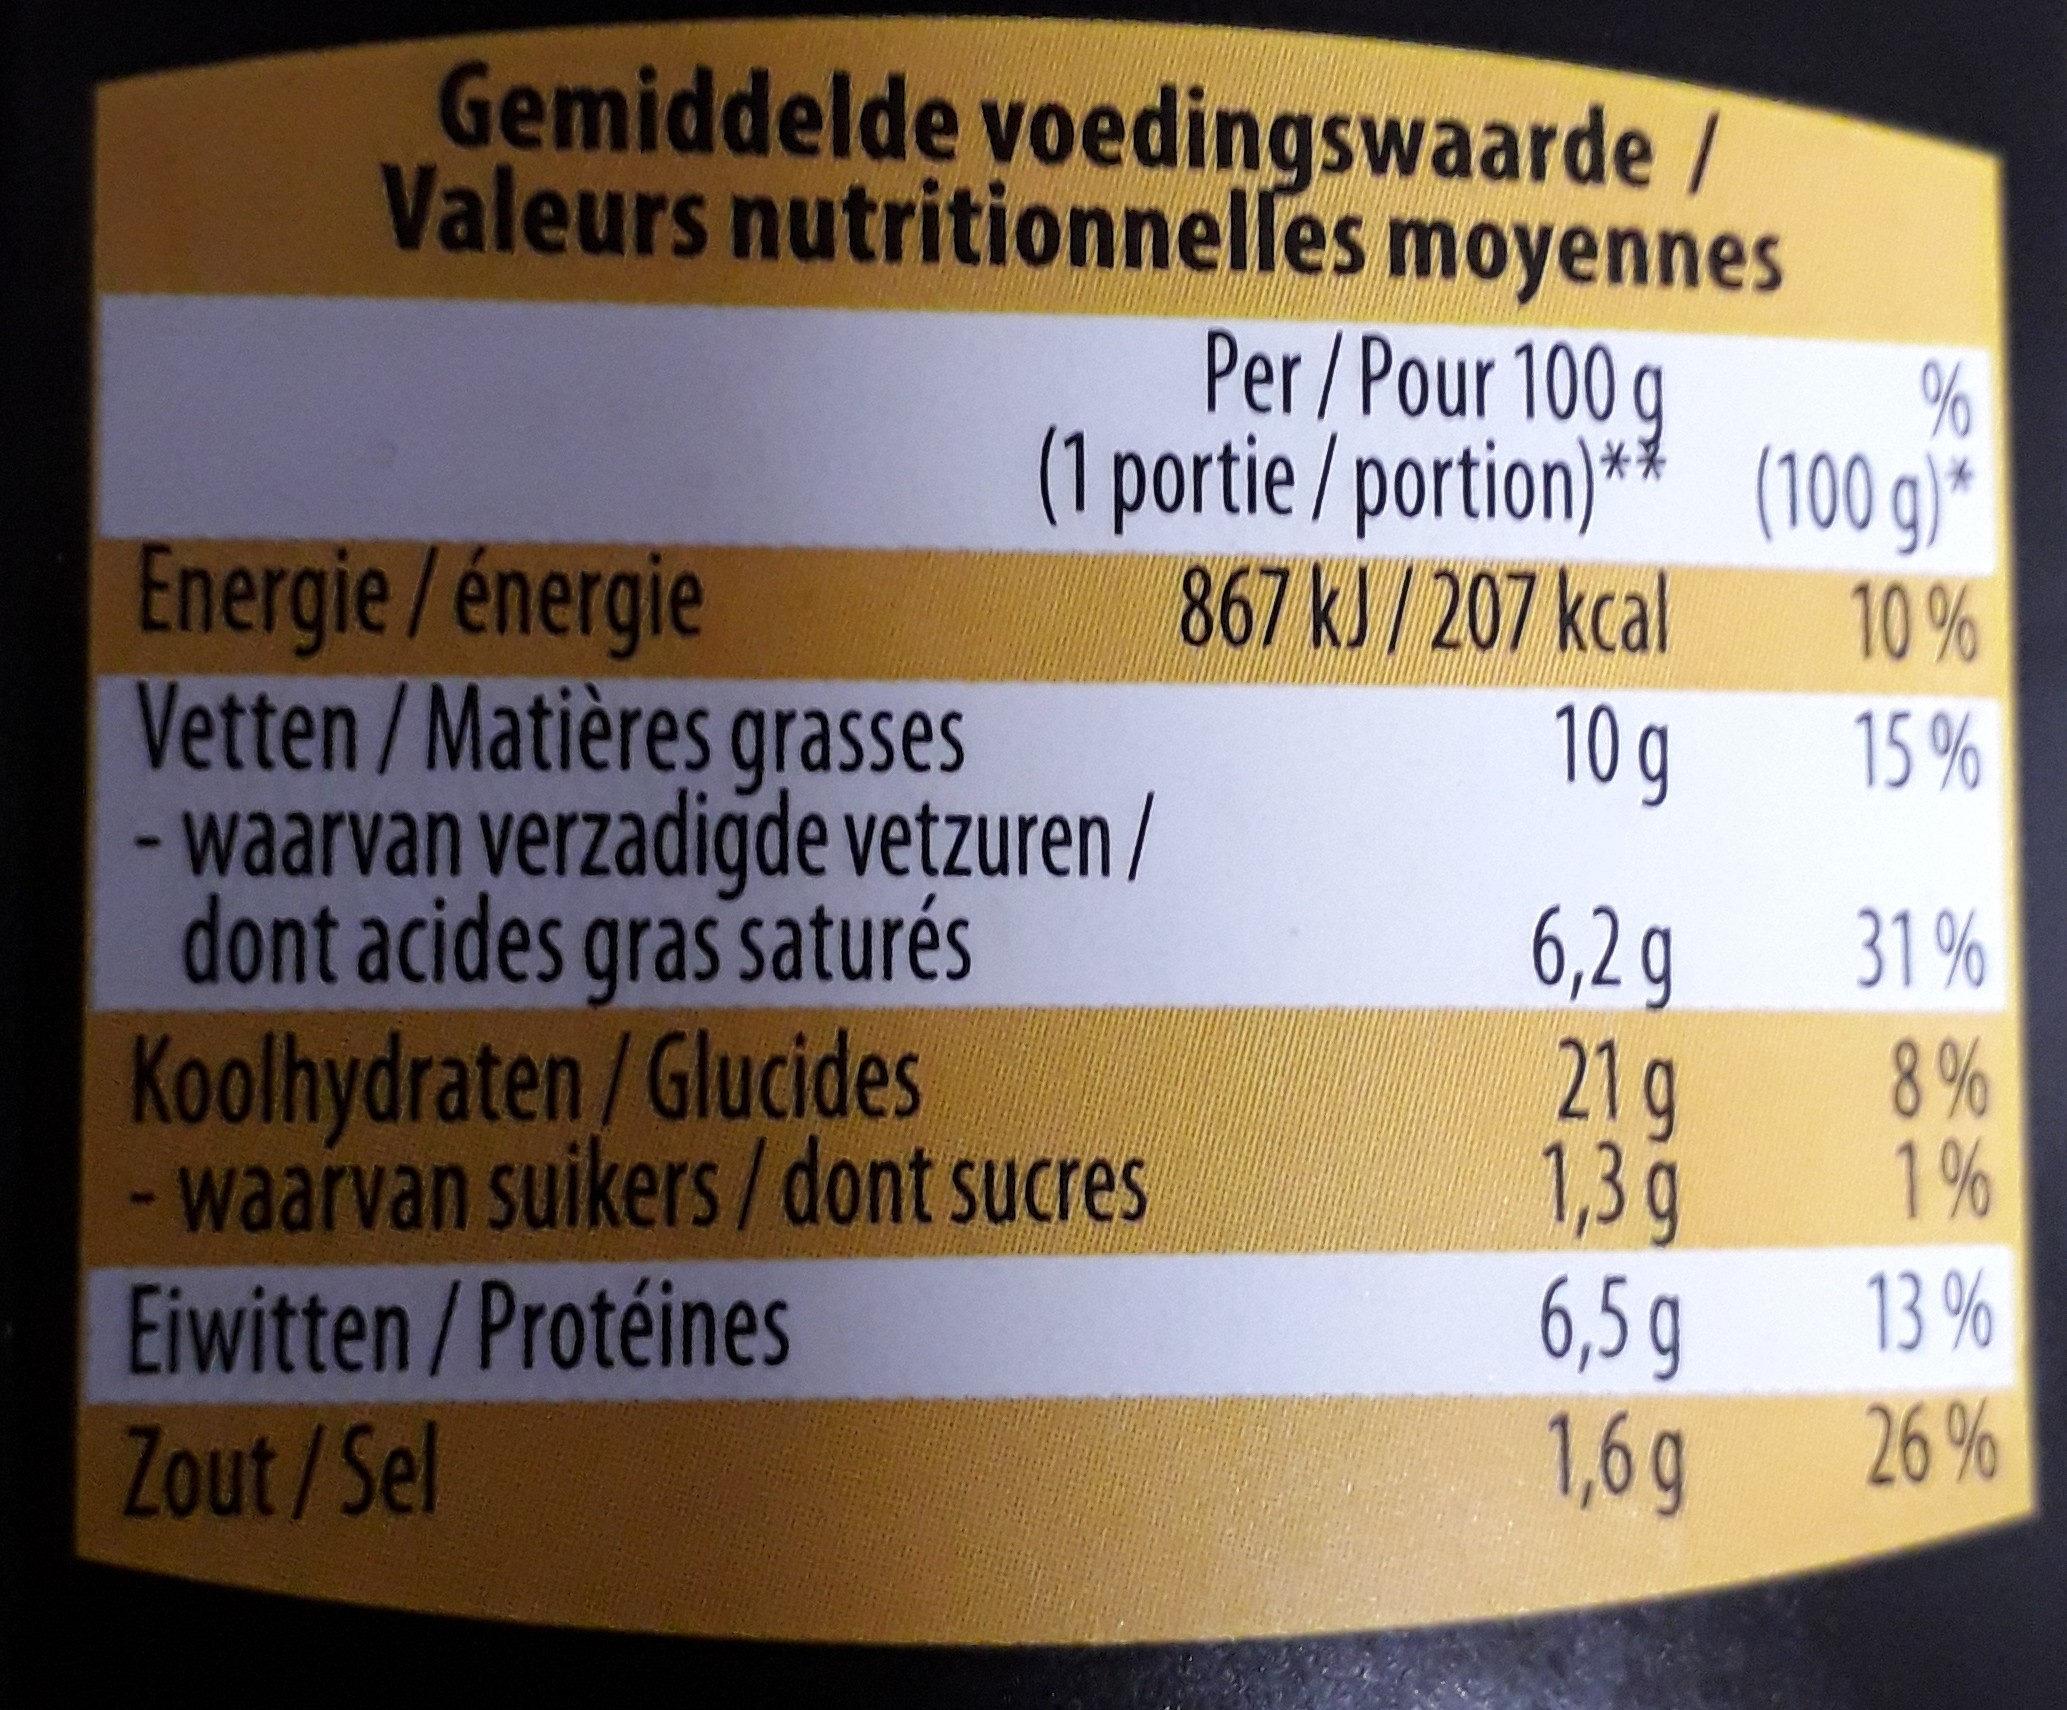 Croquette de fromage - Voedingswaarden - fr